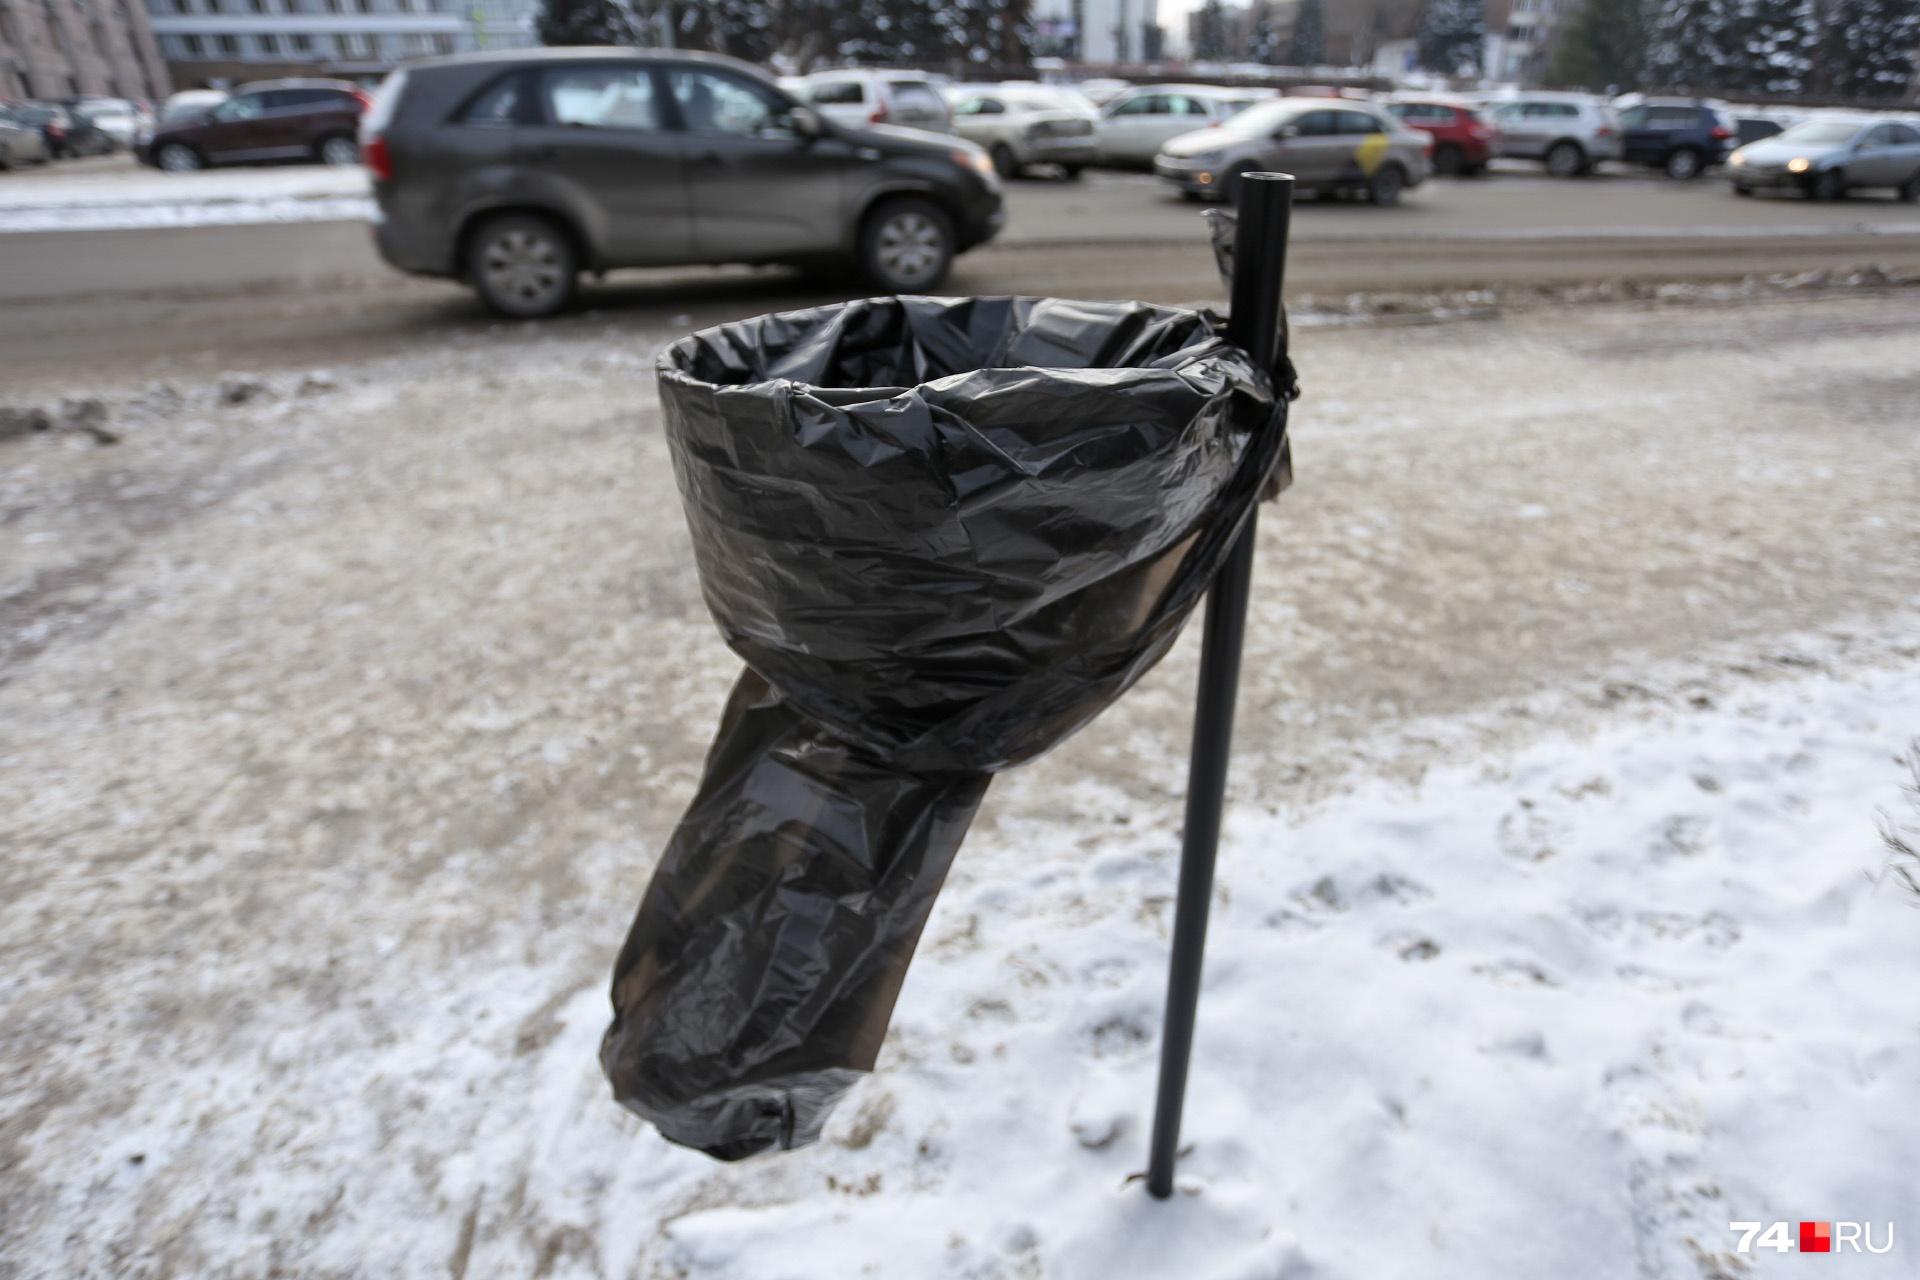 Скоро на всех урнах должны появиться пакеты, но челябинцы боятся, что они ненадёжные и весь мусор окажется на земле